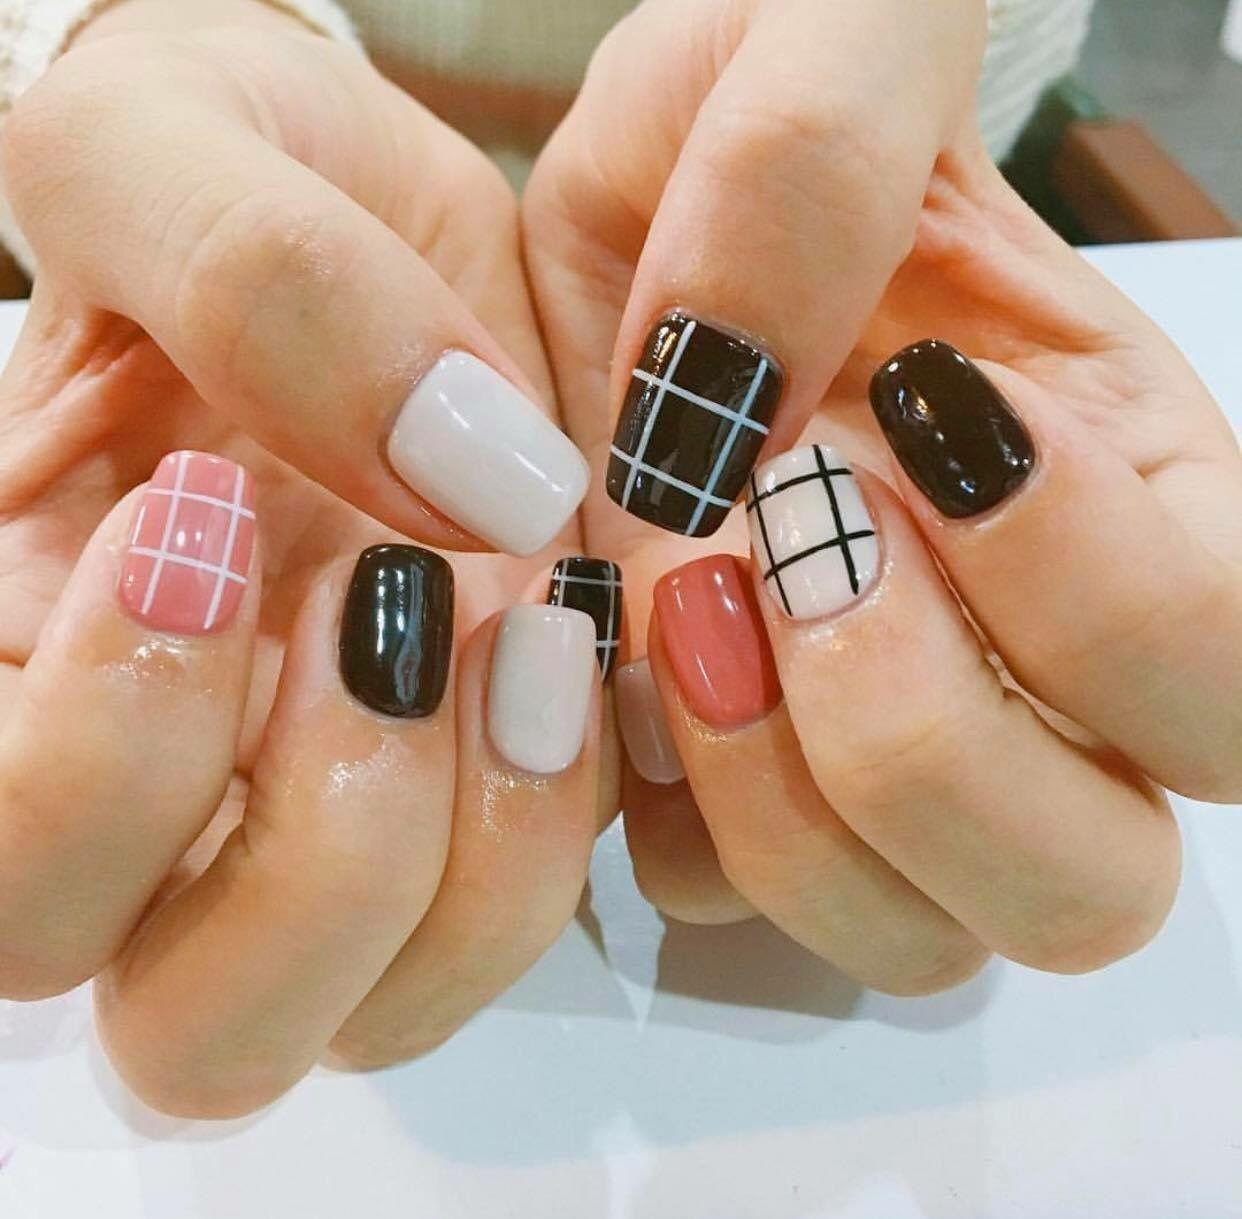 Pin by Layne Sharp on nail ideas in Pinterest Nails Nail